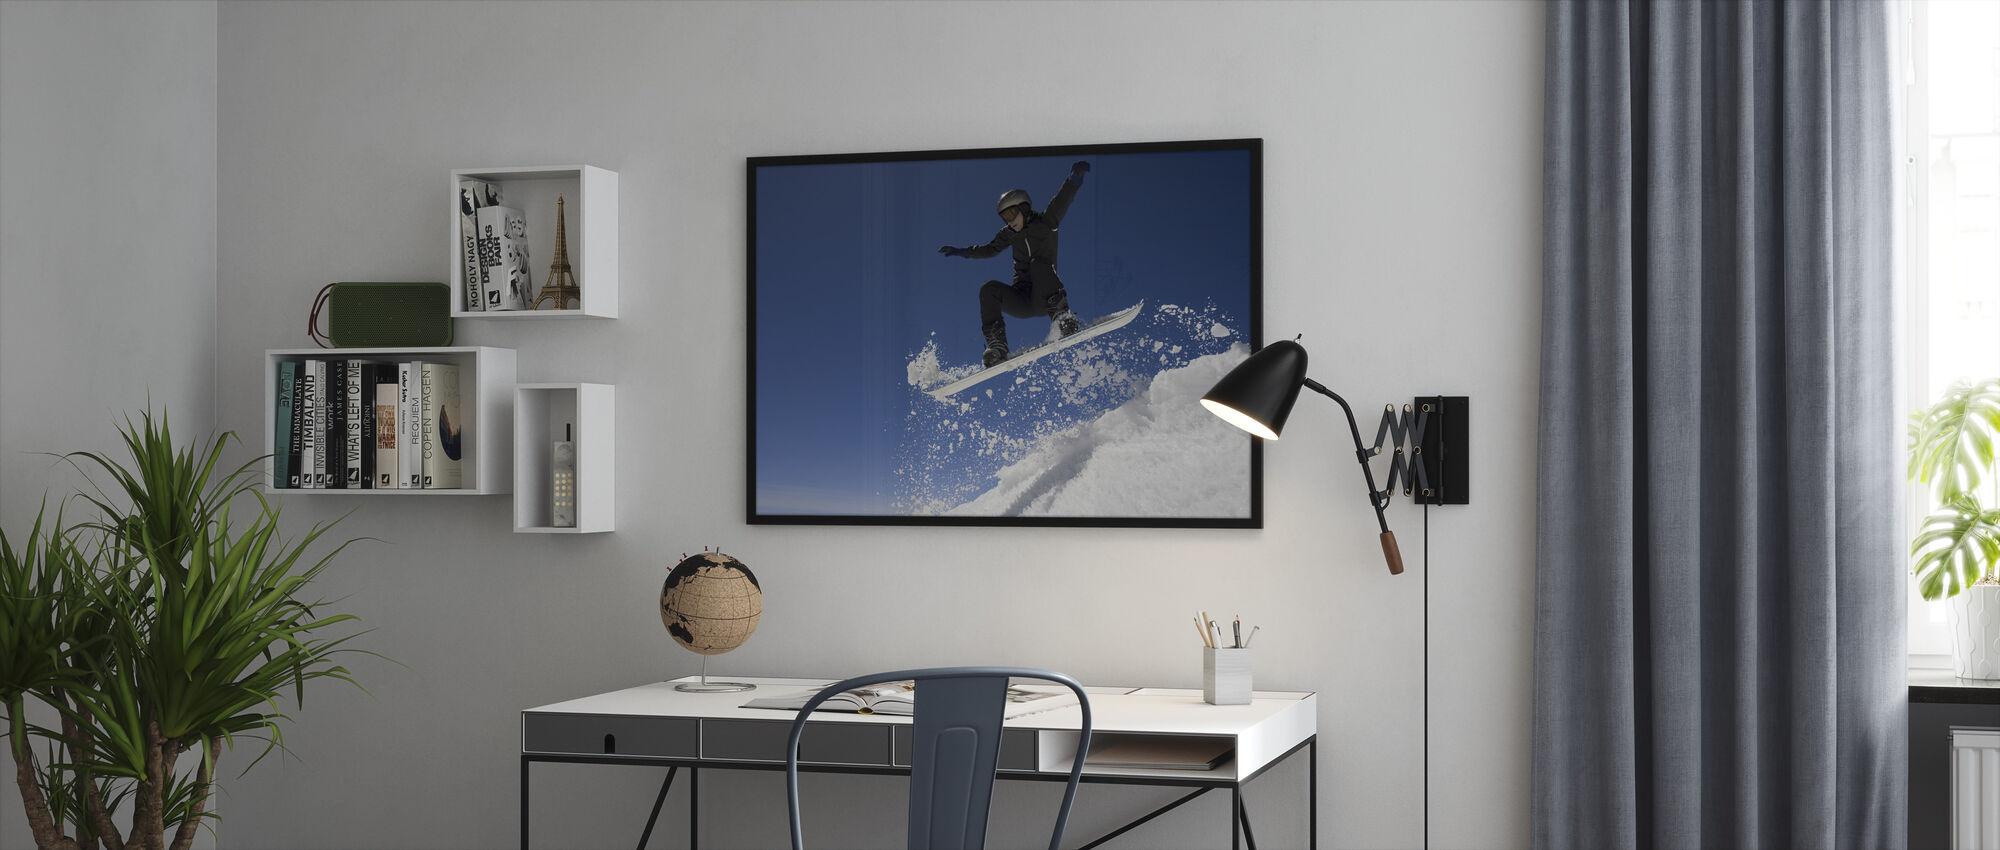 Snowboarder springen door de lucht - Ingelijste print - Kantoor